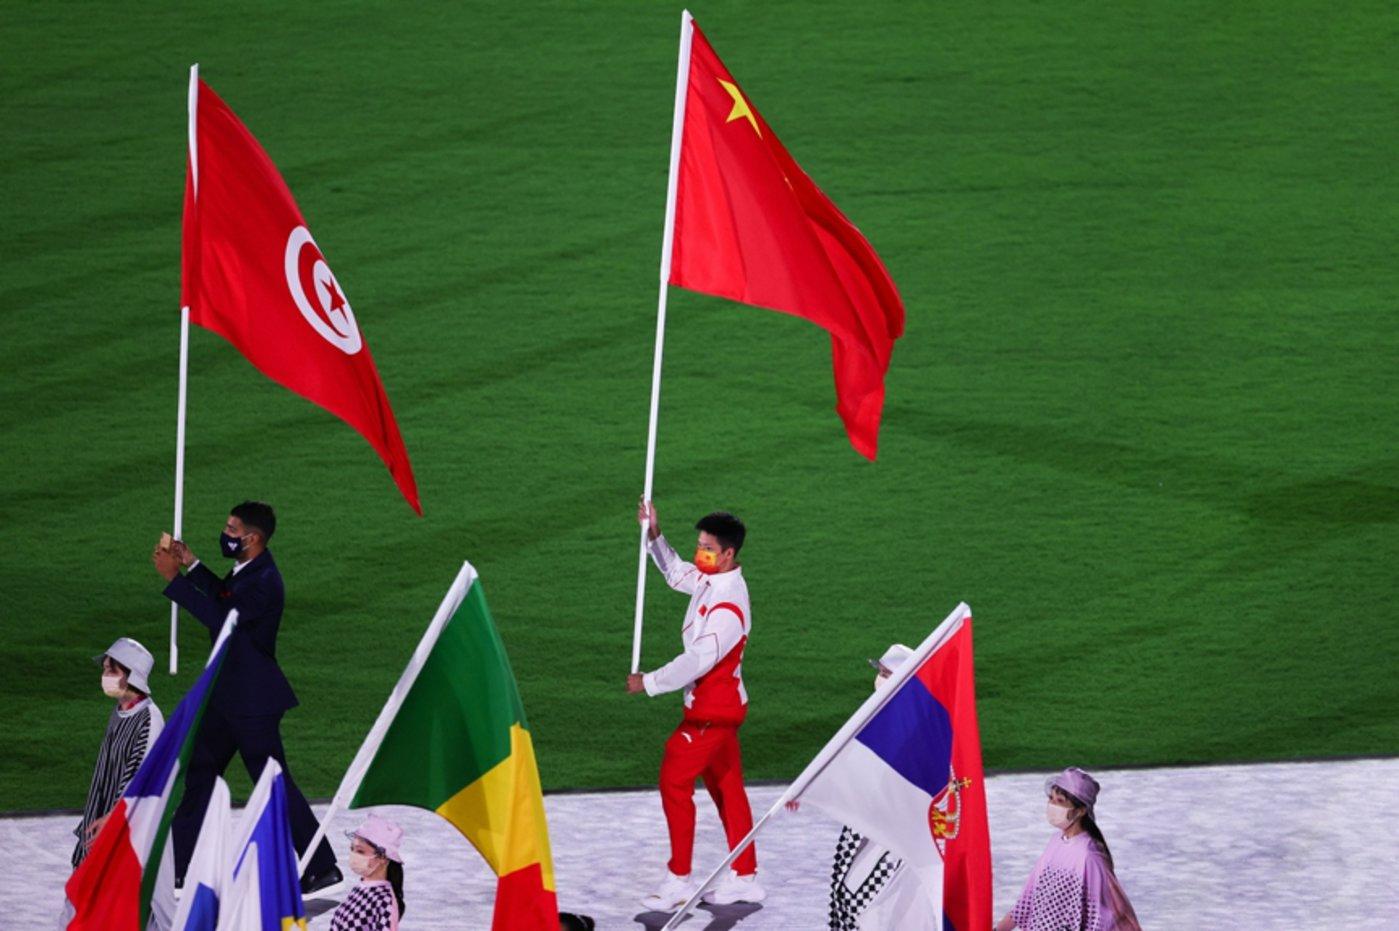 中国运动员苏炳添,图片来源@视觉中国